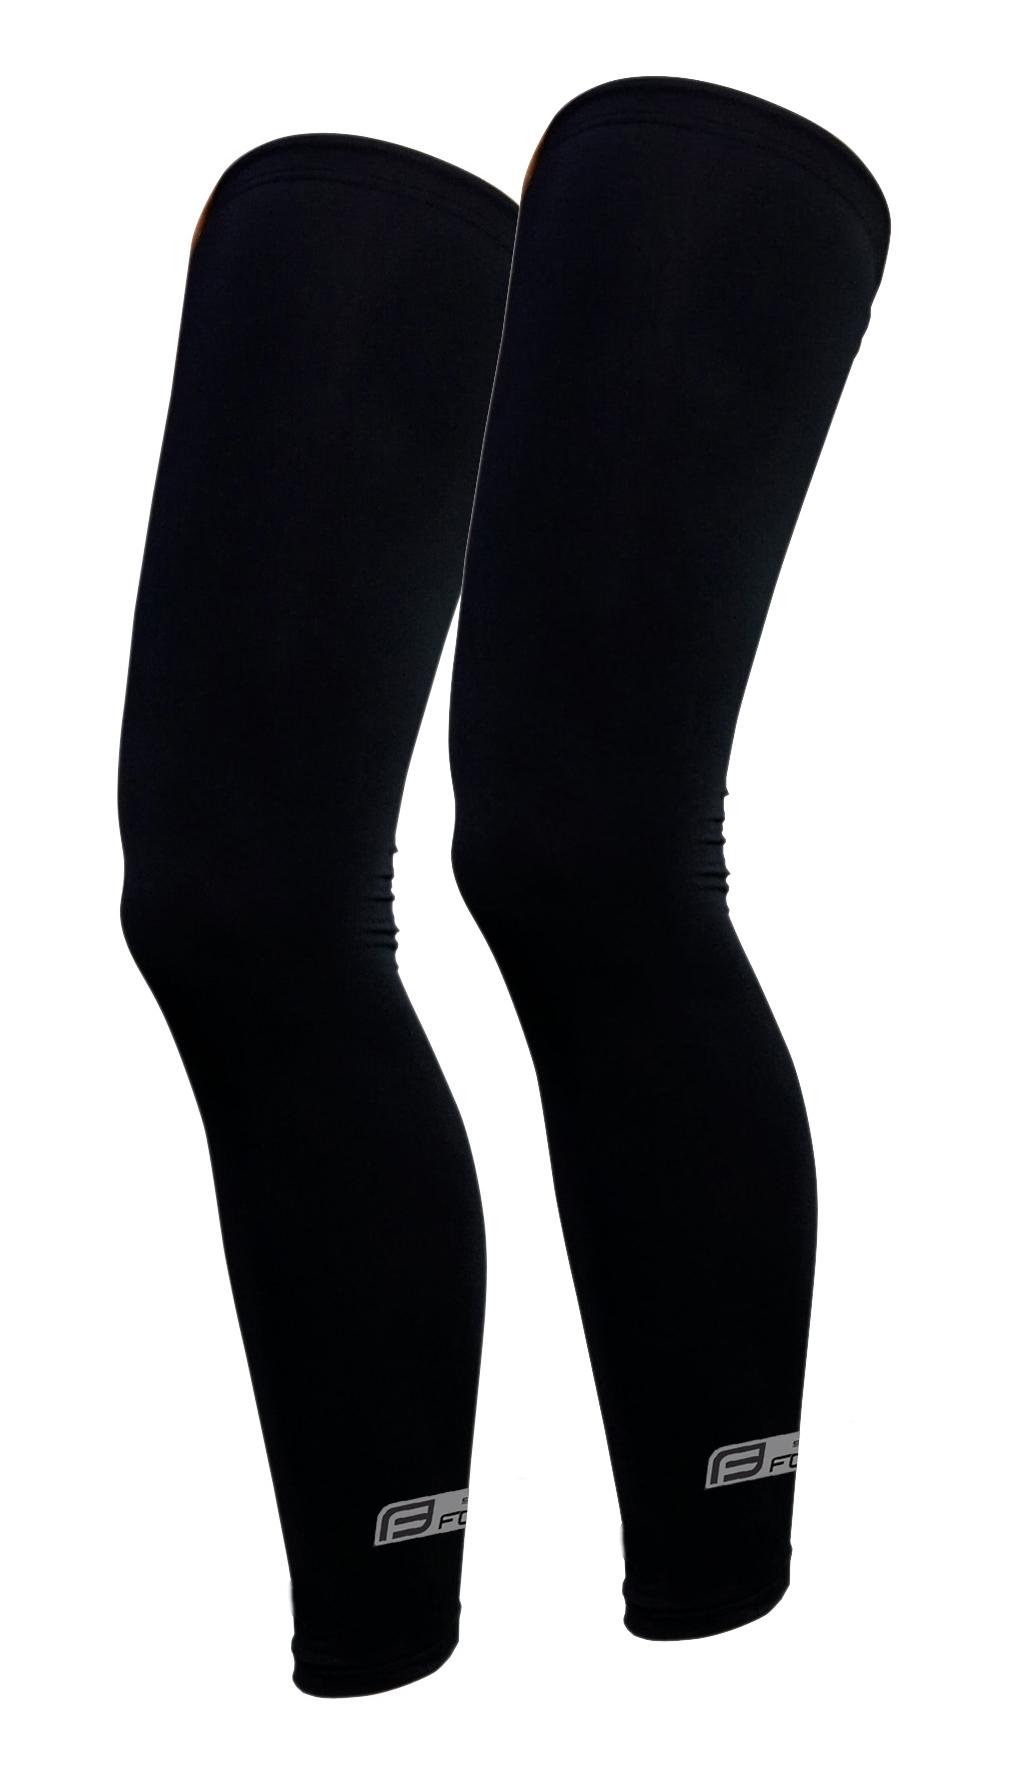 návleky na nohy FORCE RACE, lepené, černé XS